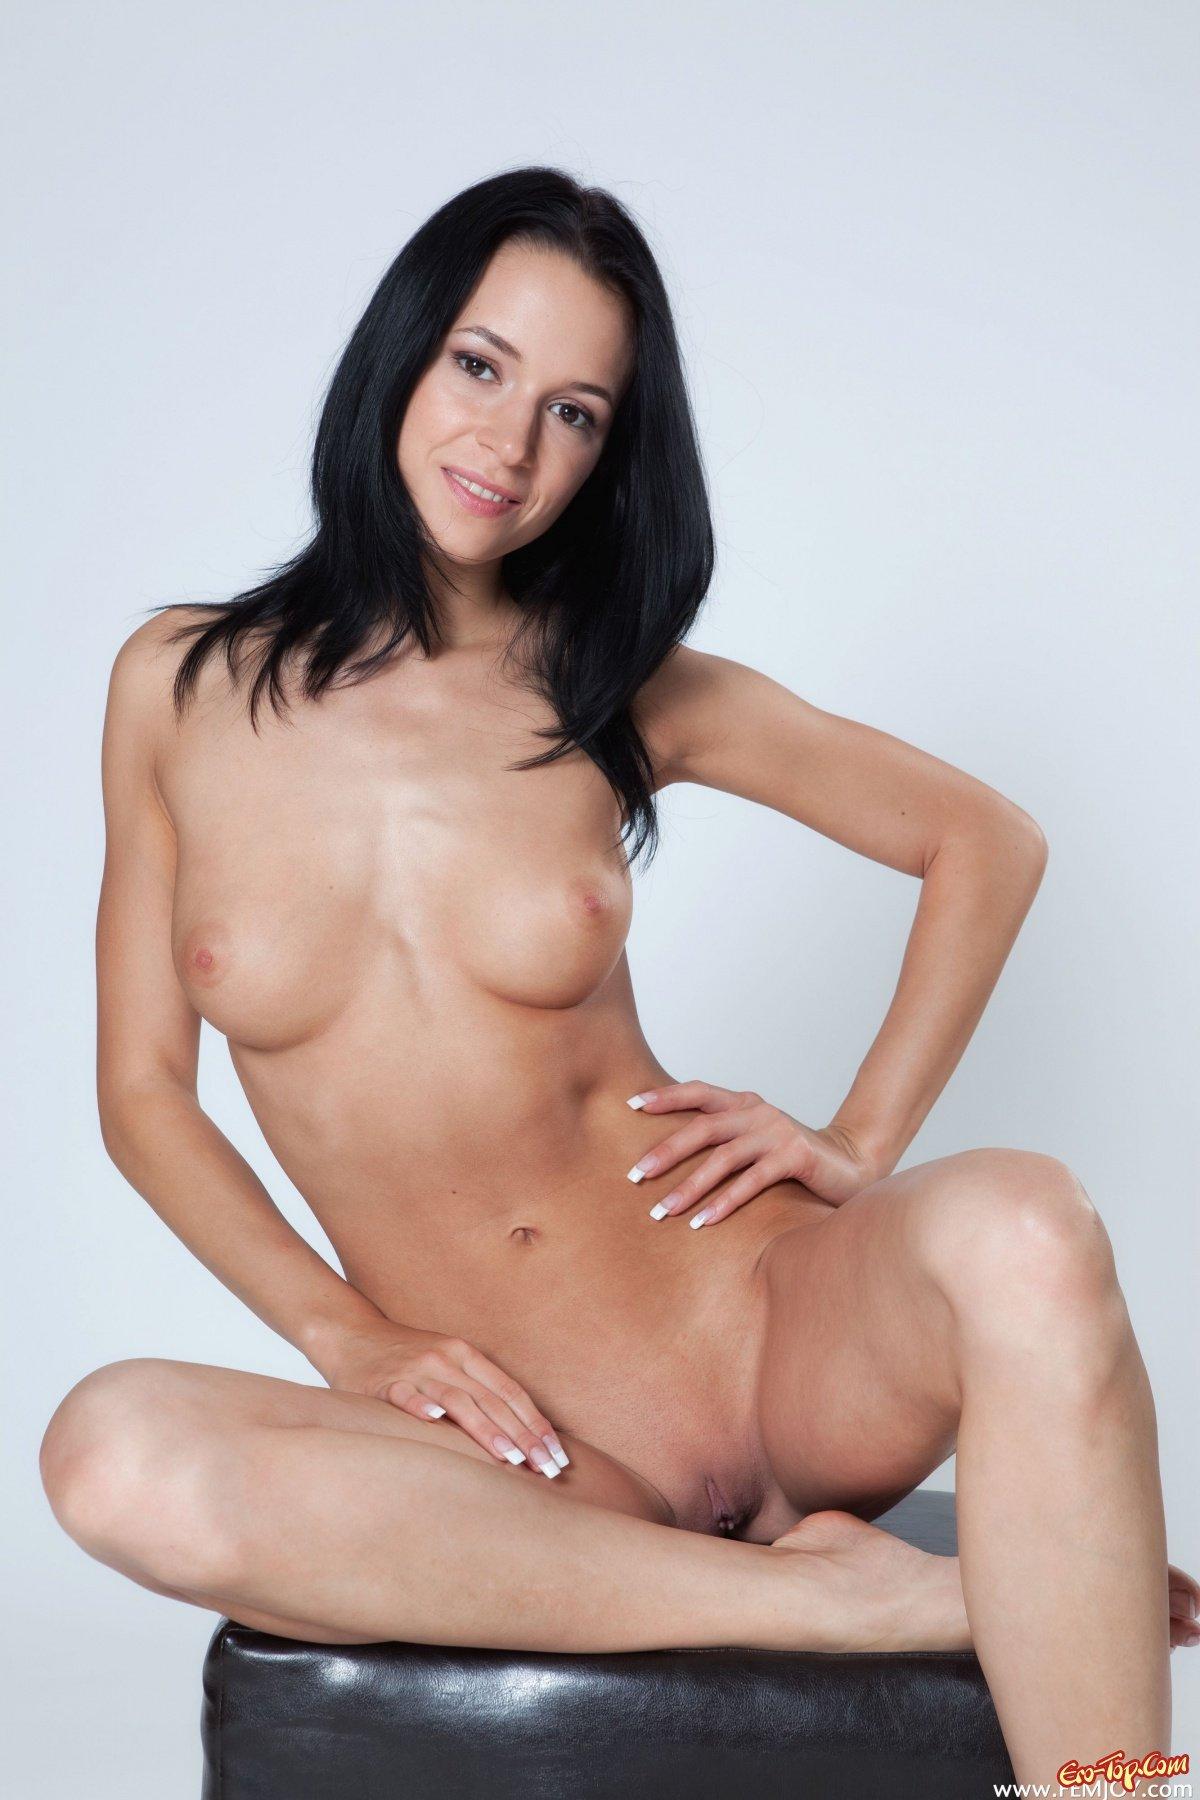 Голая ухоженная брюнетка секс фото